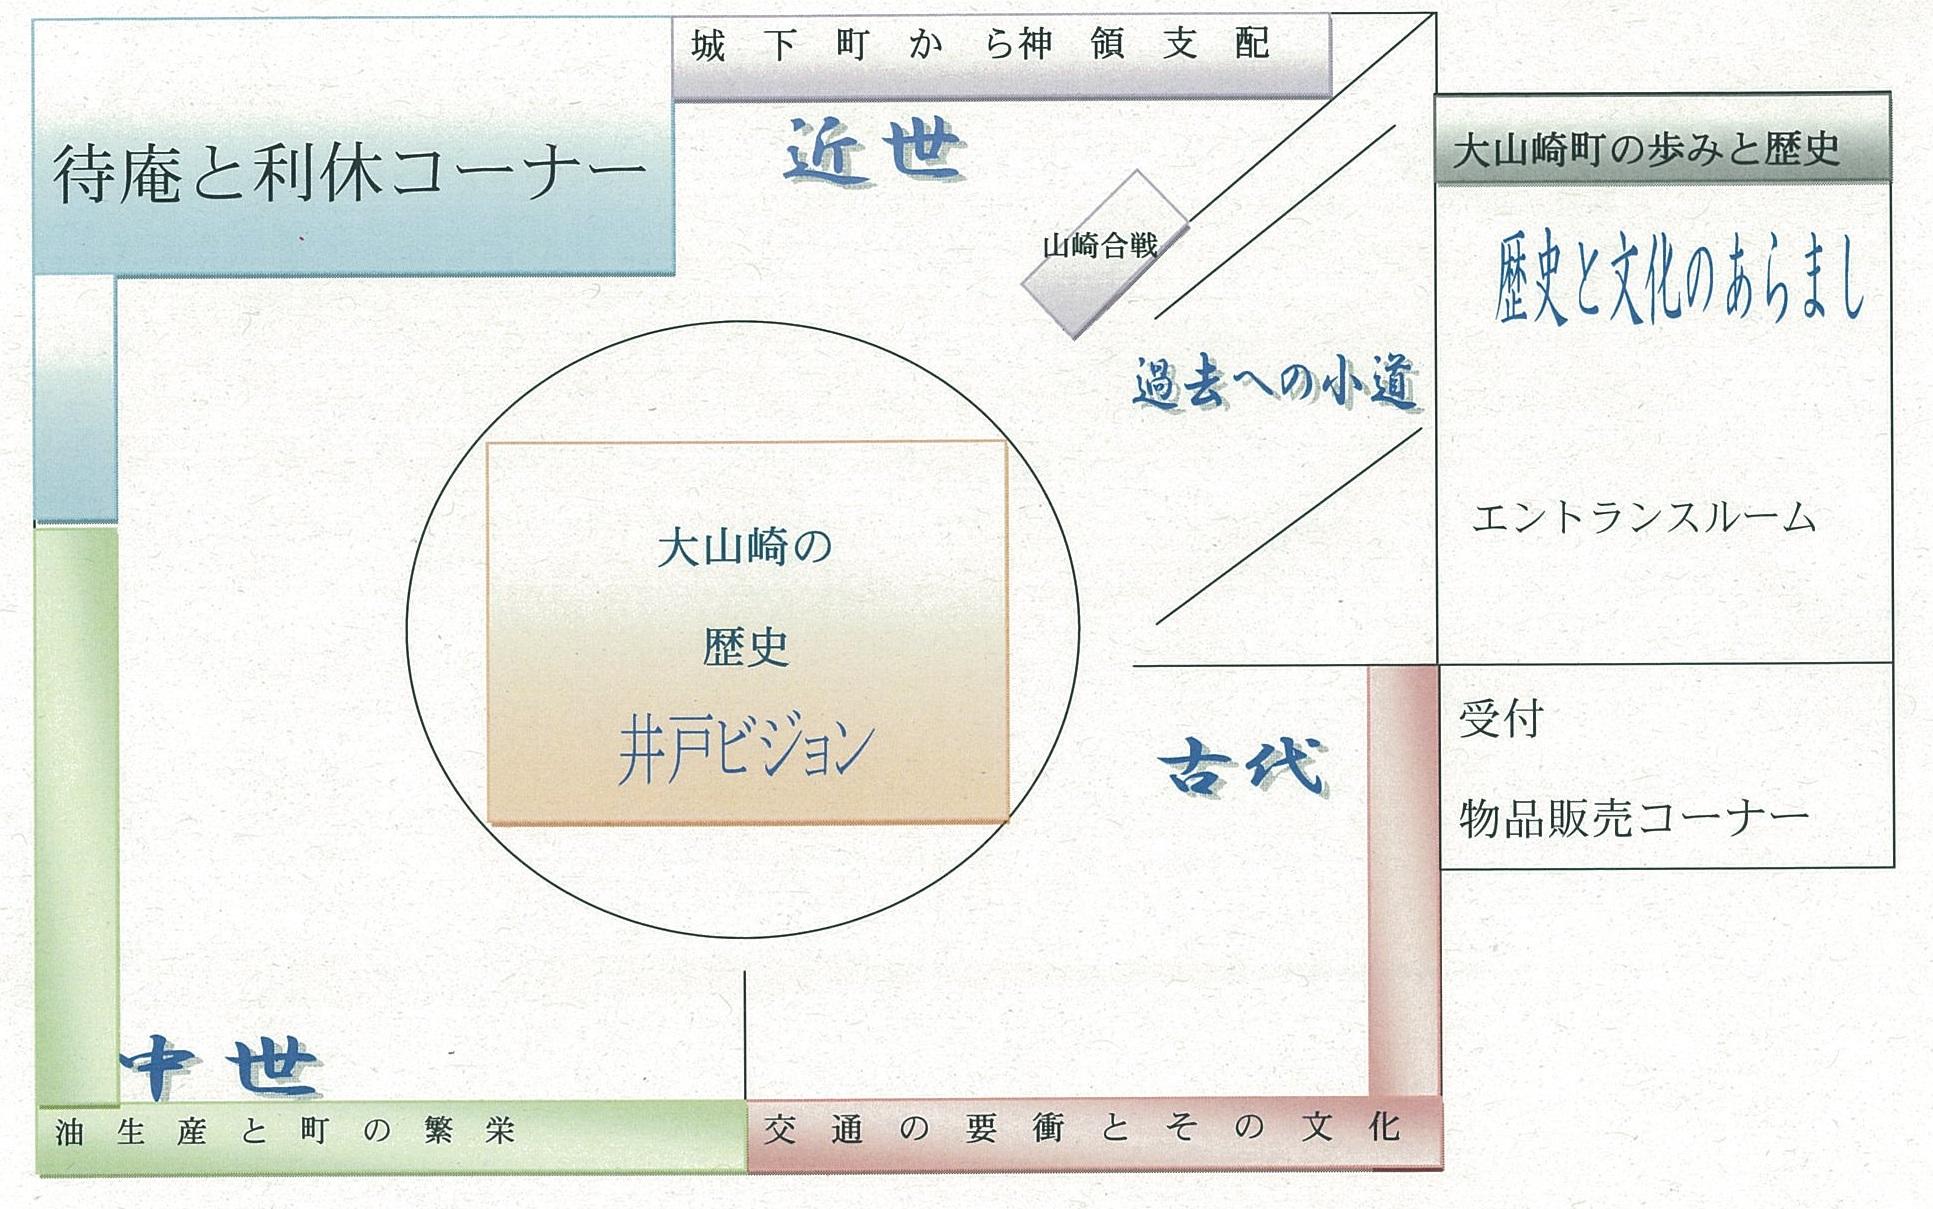 大山崎町歴史資料館 館内図